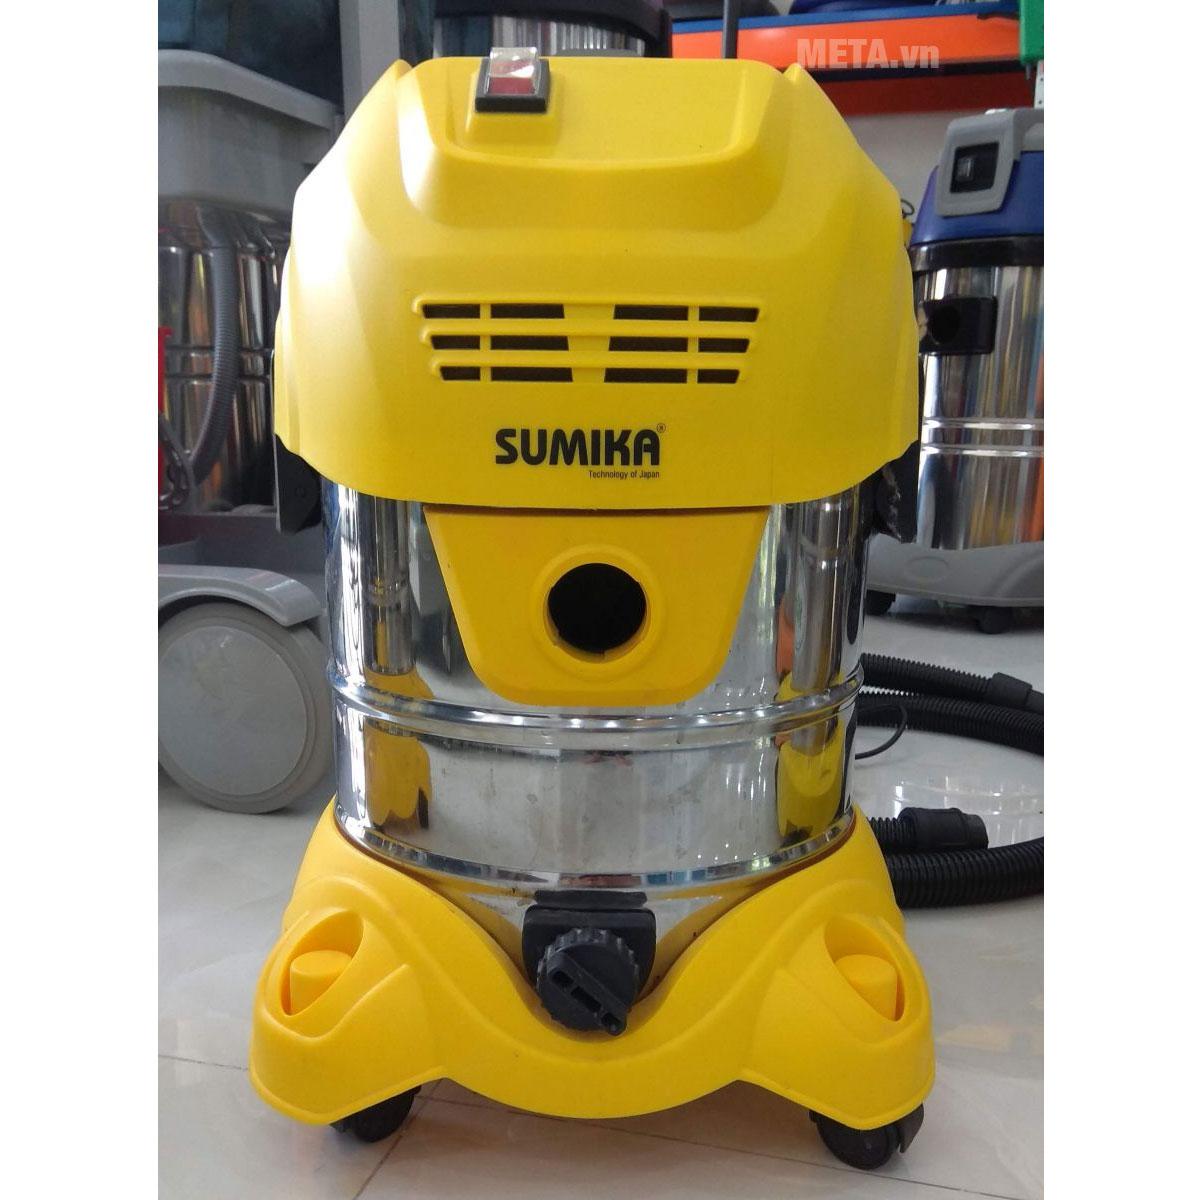 Máy hút bụi công nghiệp Sumika K20 có thùng chứa bằng inox không gỉ